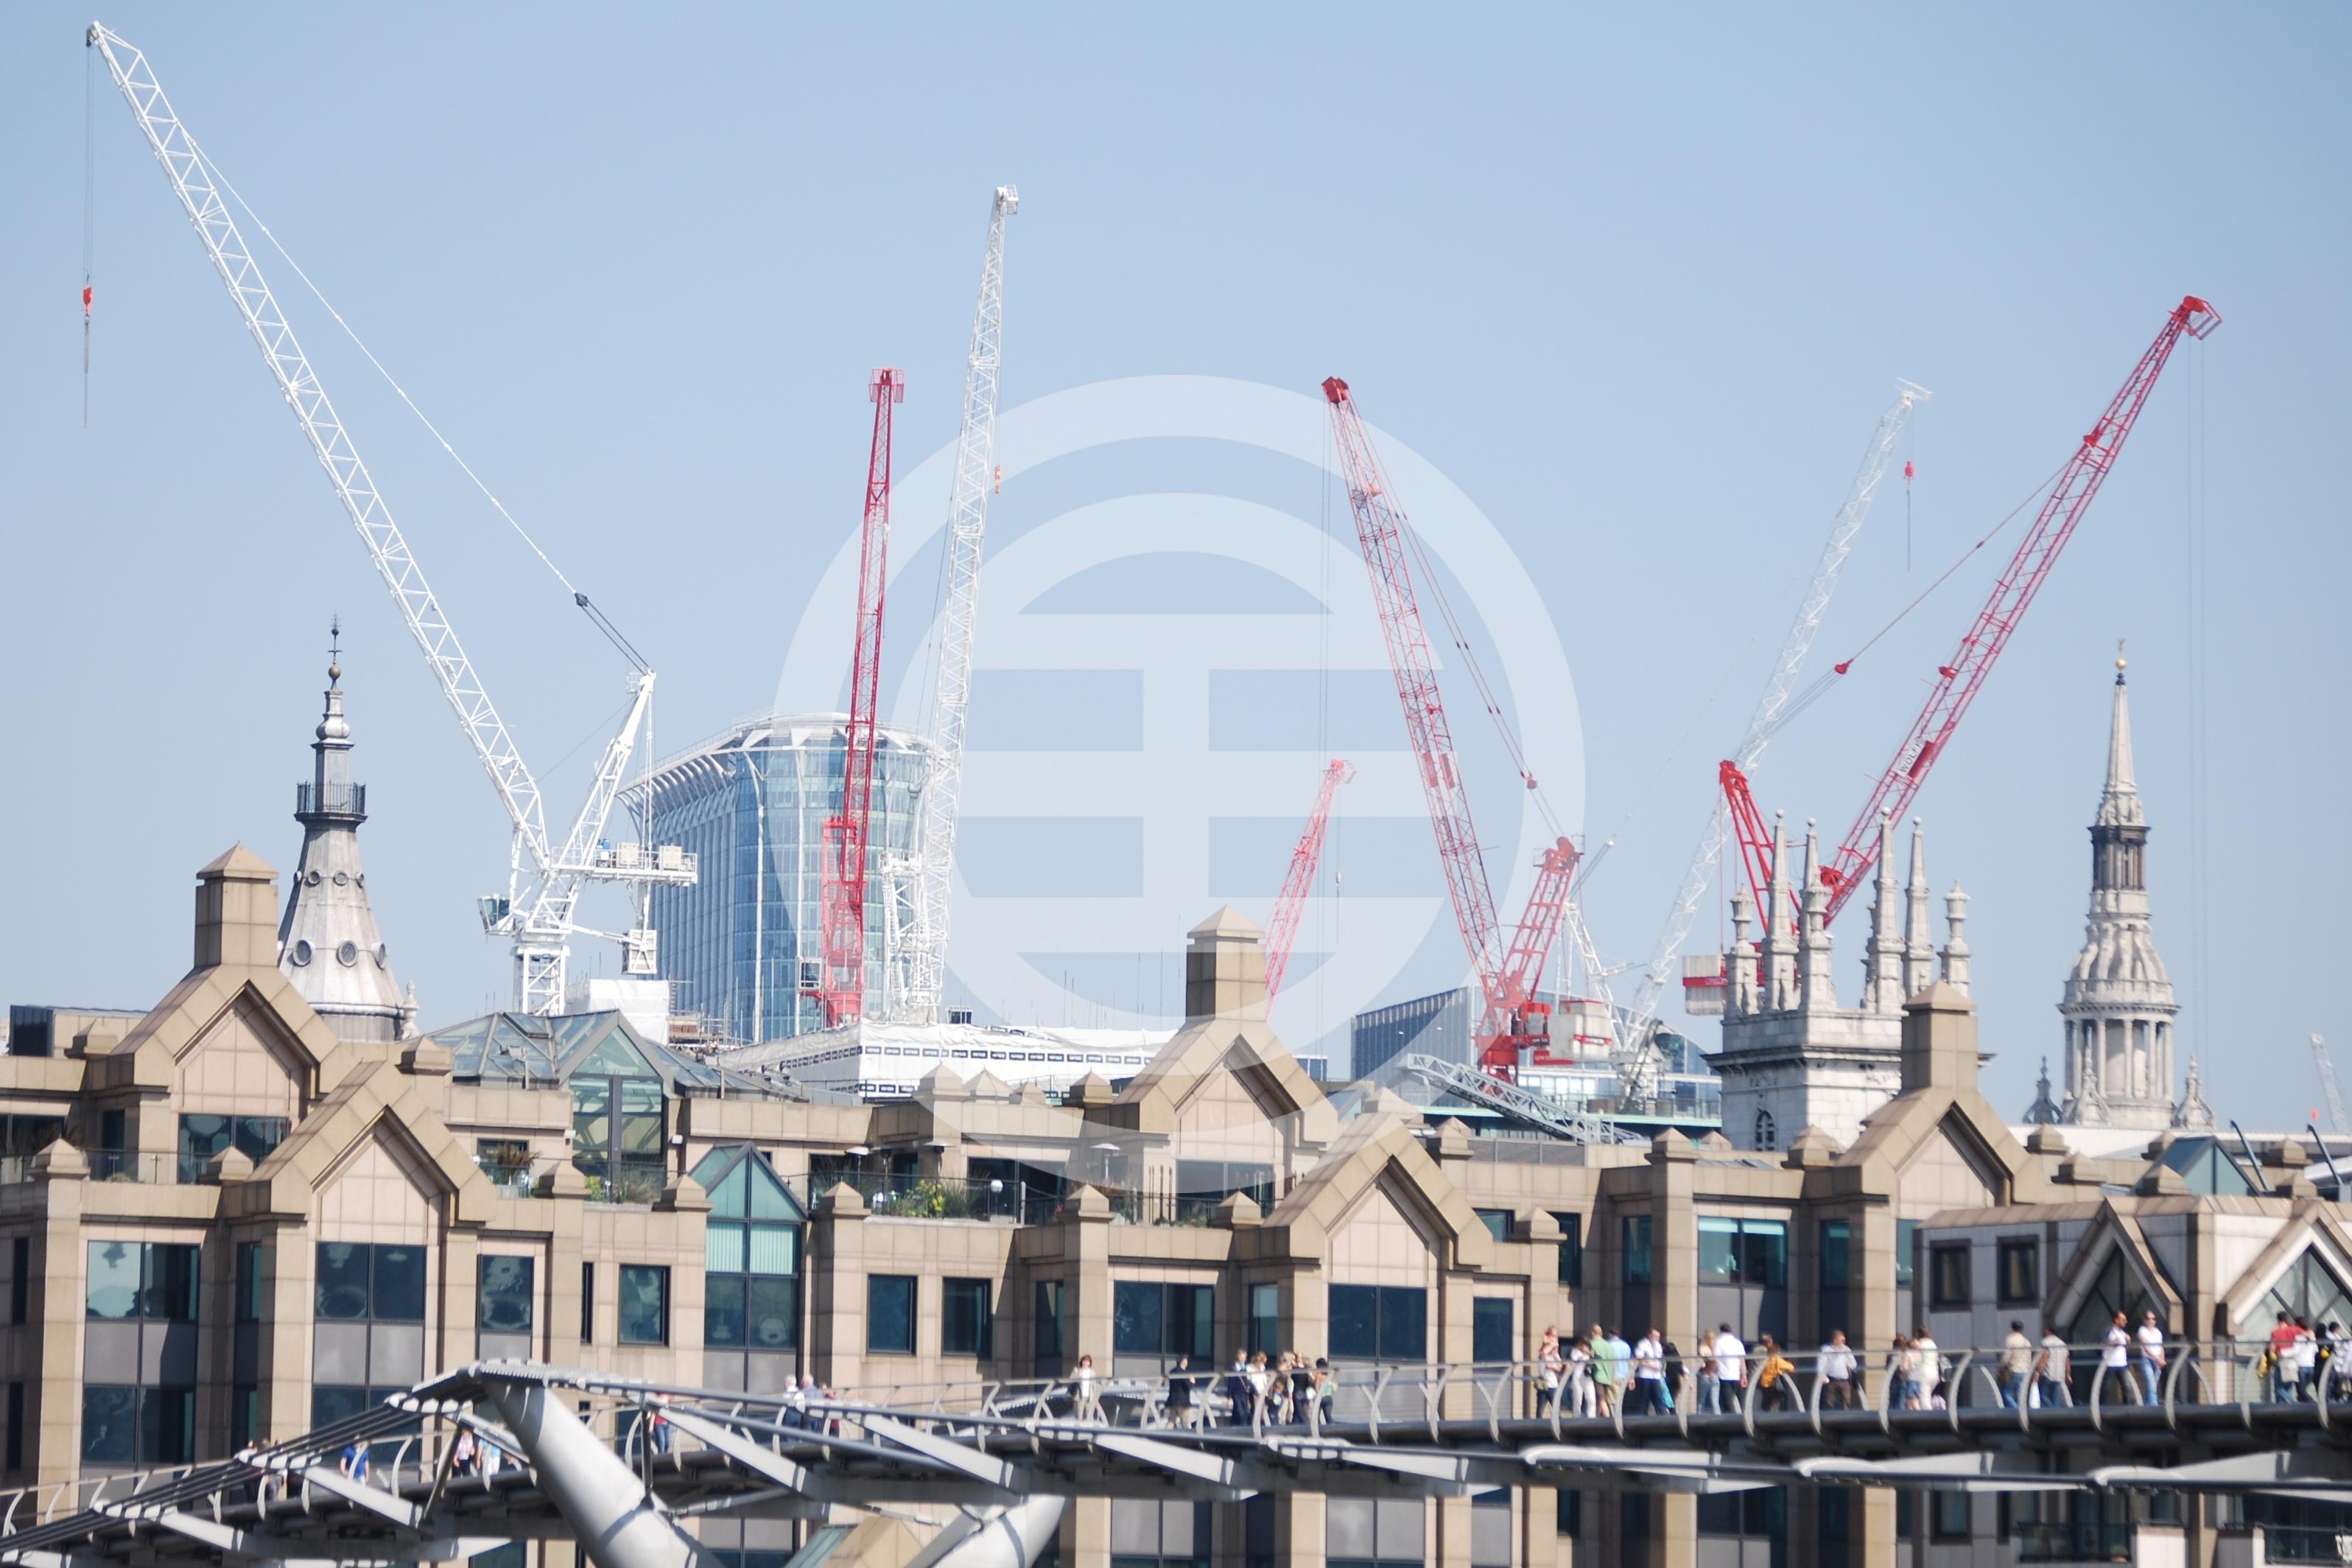 英国近日公布的一份报告提议优先预留新建的住房给英国本国人,限制外国投资者的买房比例